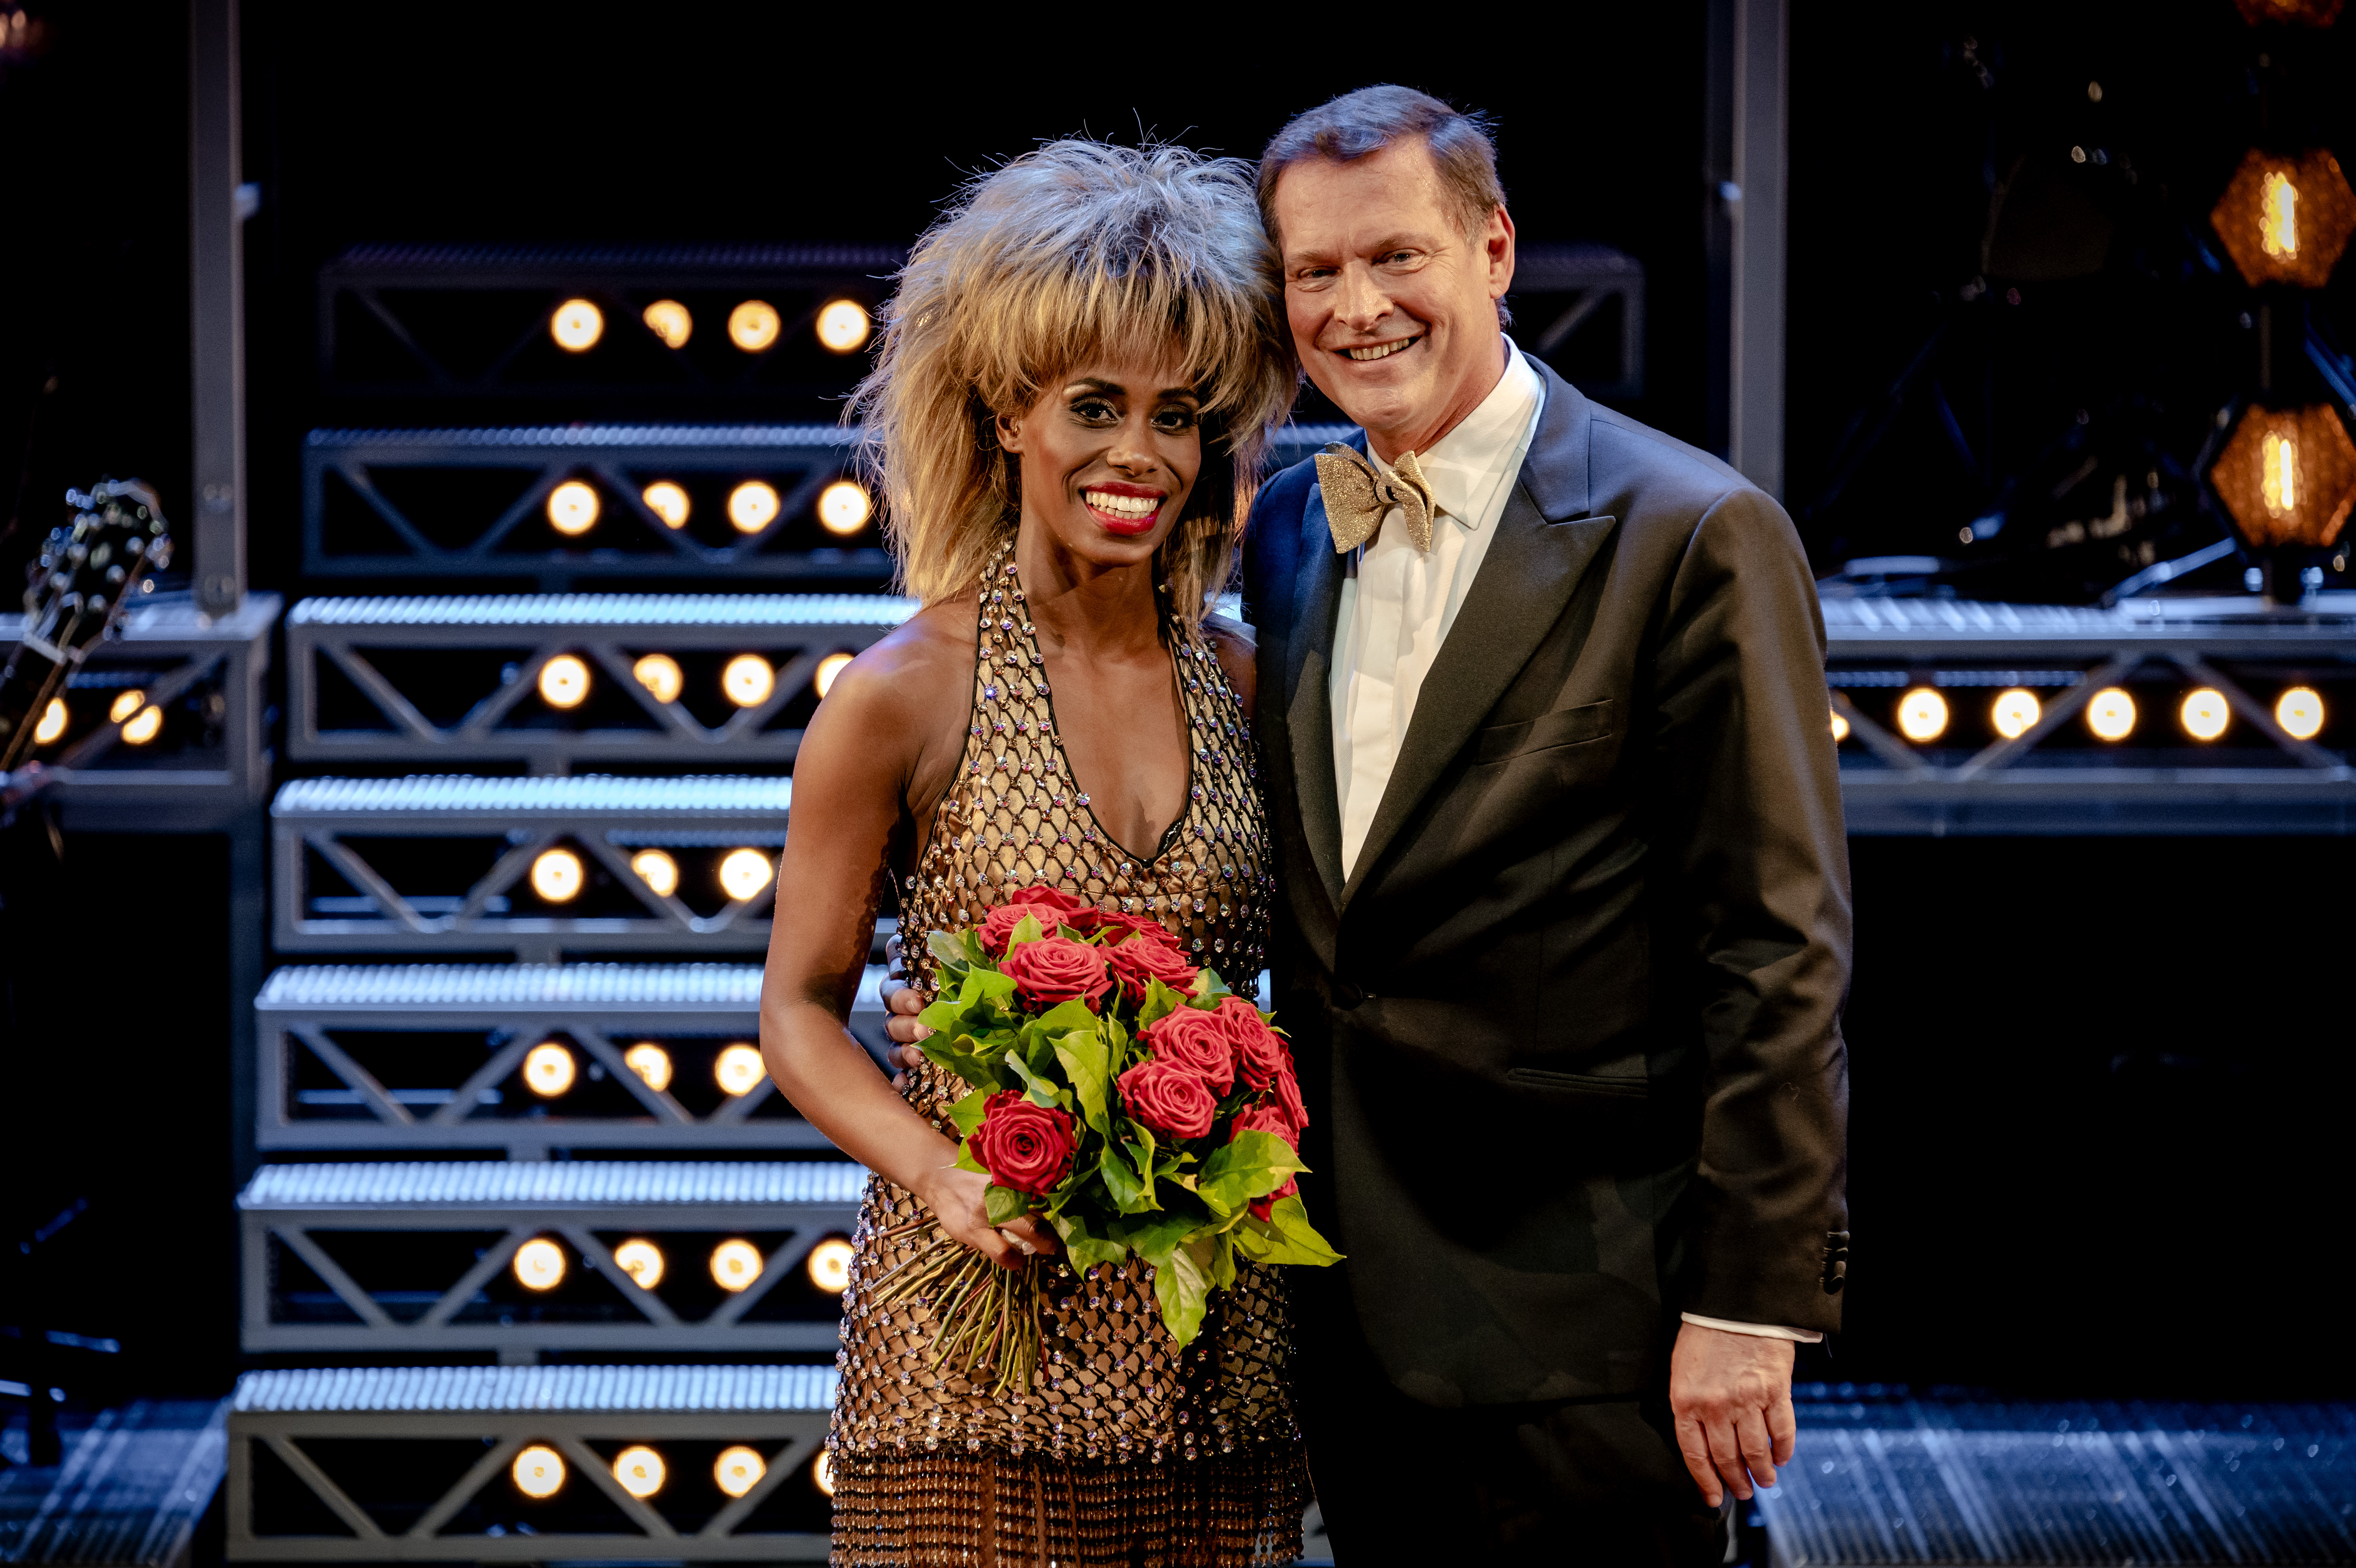 Een foto van Albert Verlinde met Nyassa Alberta die de rol van Tina Turner speelt.